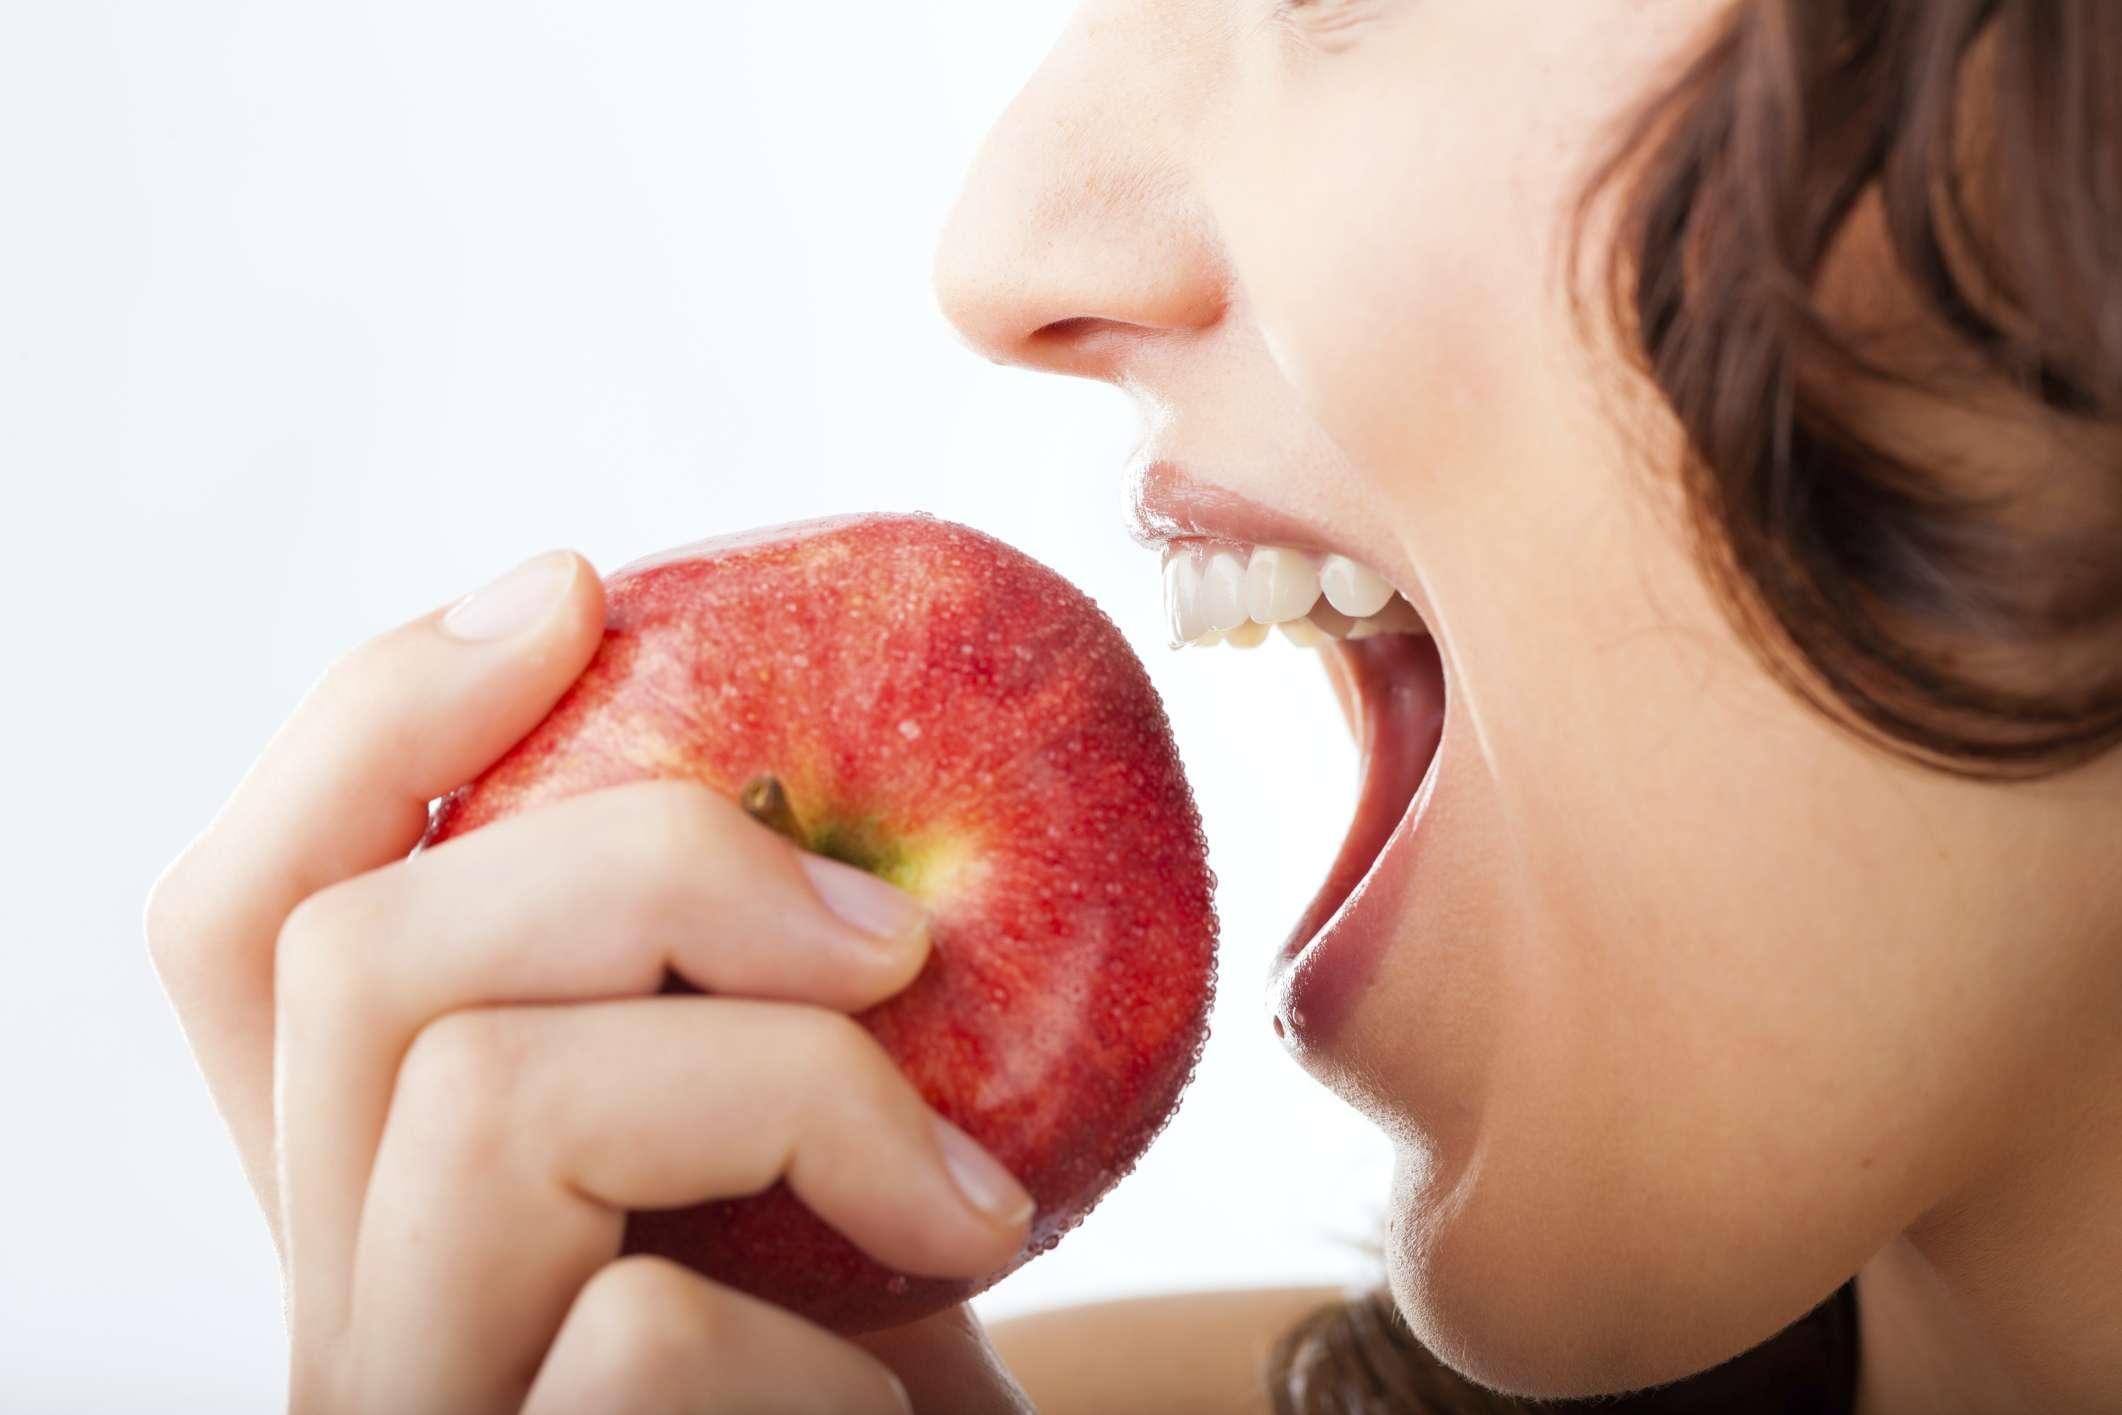 Principales propiedades de la manzana para bajar de peso